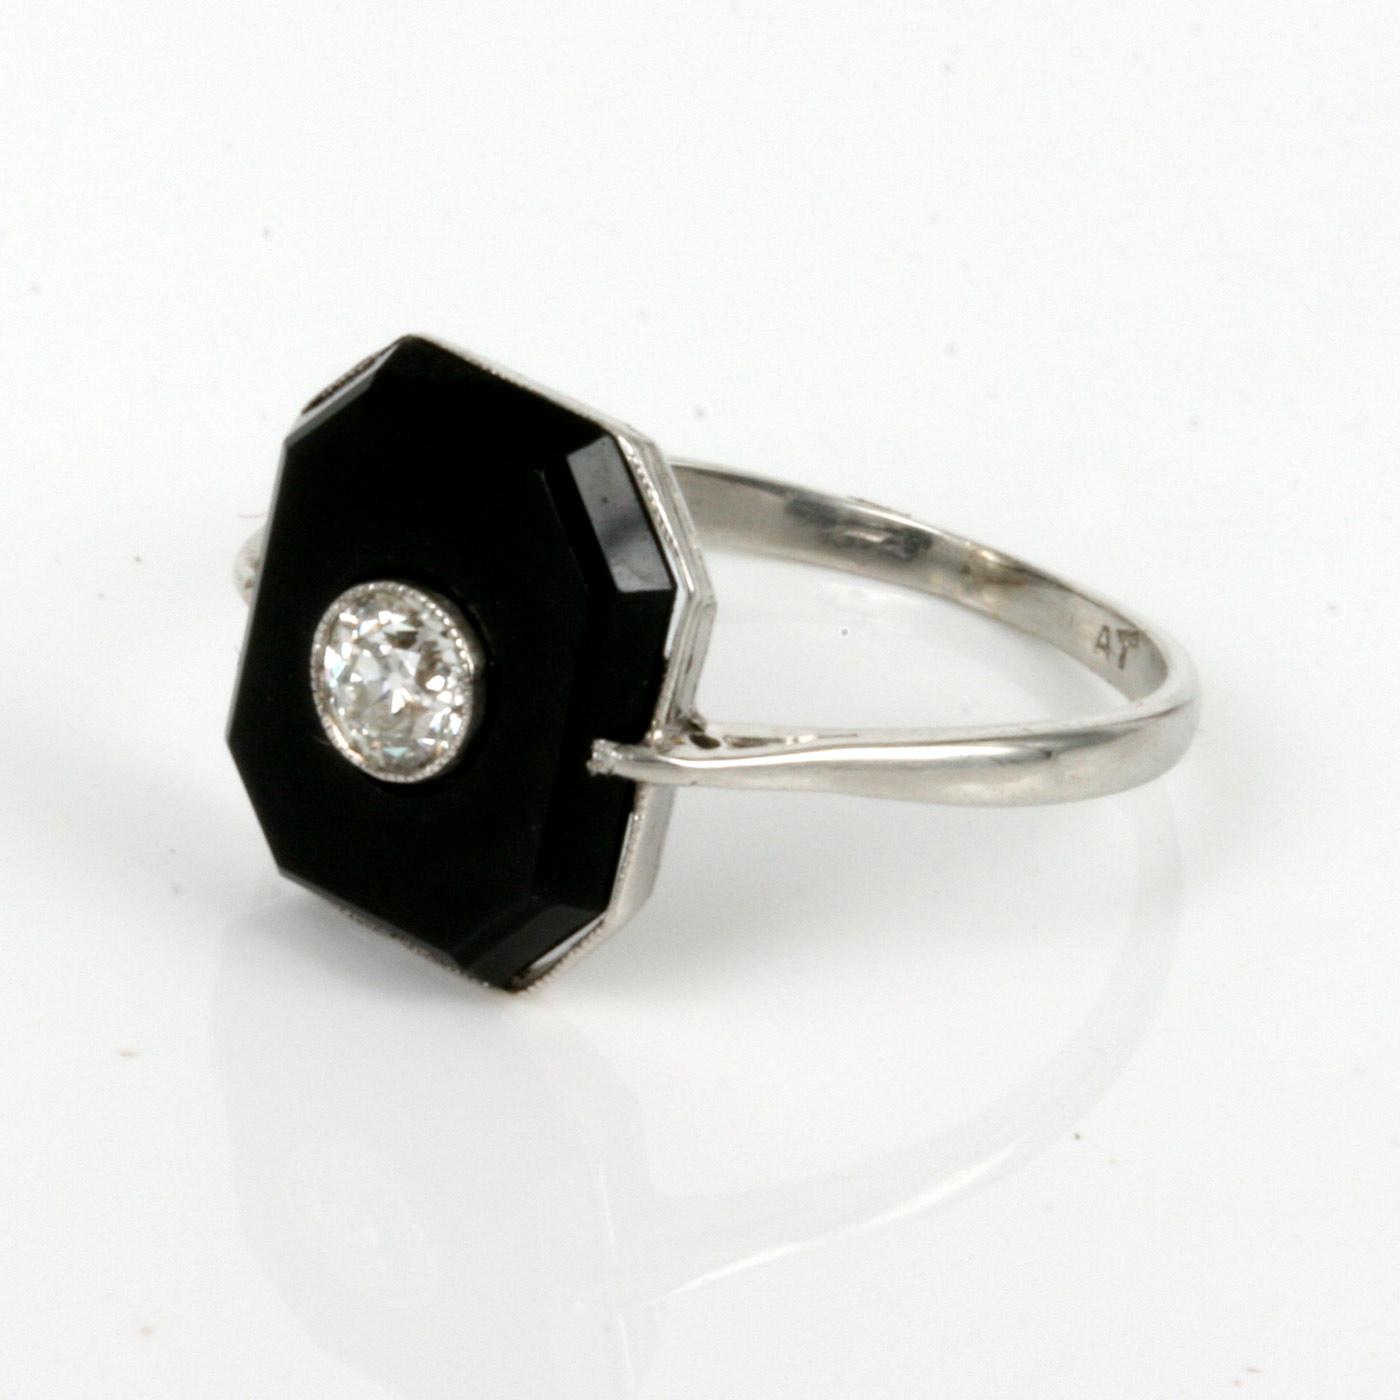 mens black onyx wedding rings black onyx wedding ring Mens black onyx wedding rings Mens Black Onyx Wedding Rings Hd Image